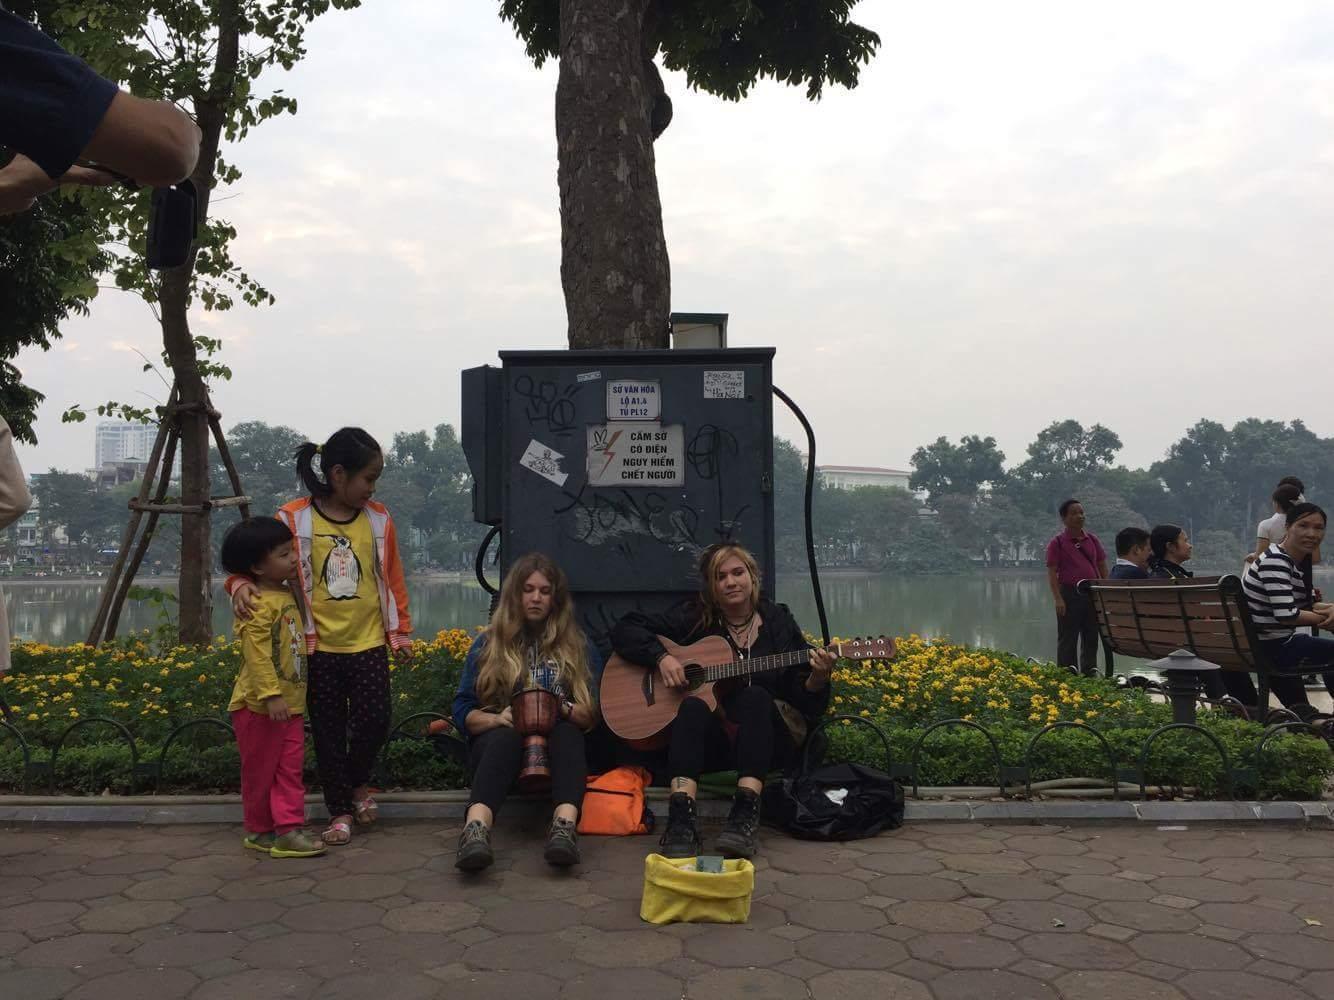 Tuyến phố đi bộ Hà Nội: Vui có nhưng lo cũng nhiều